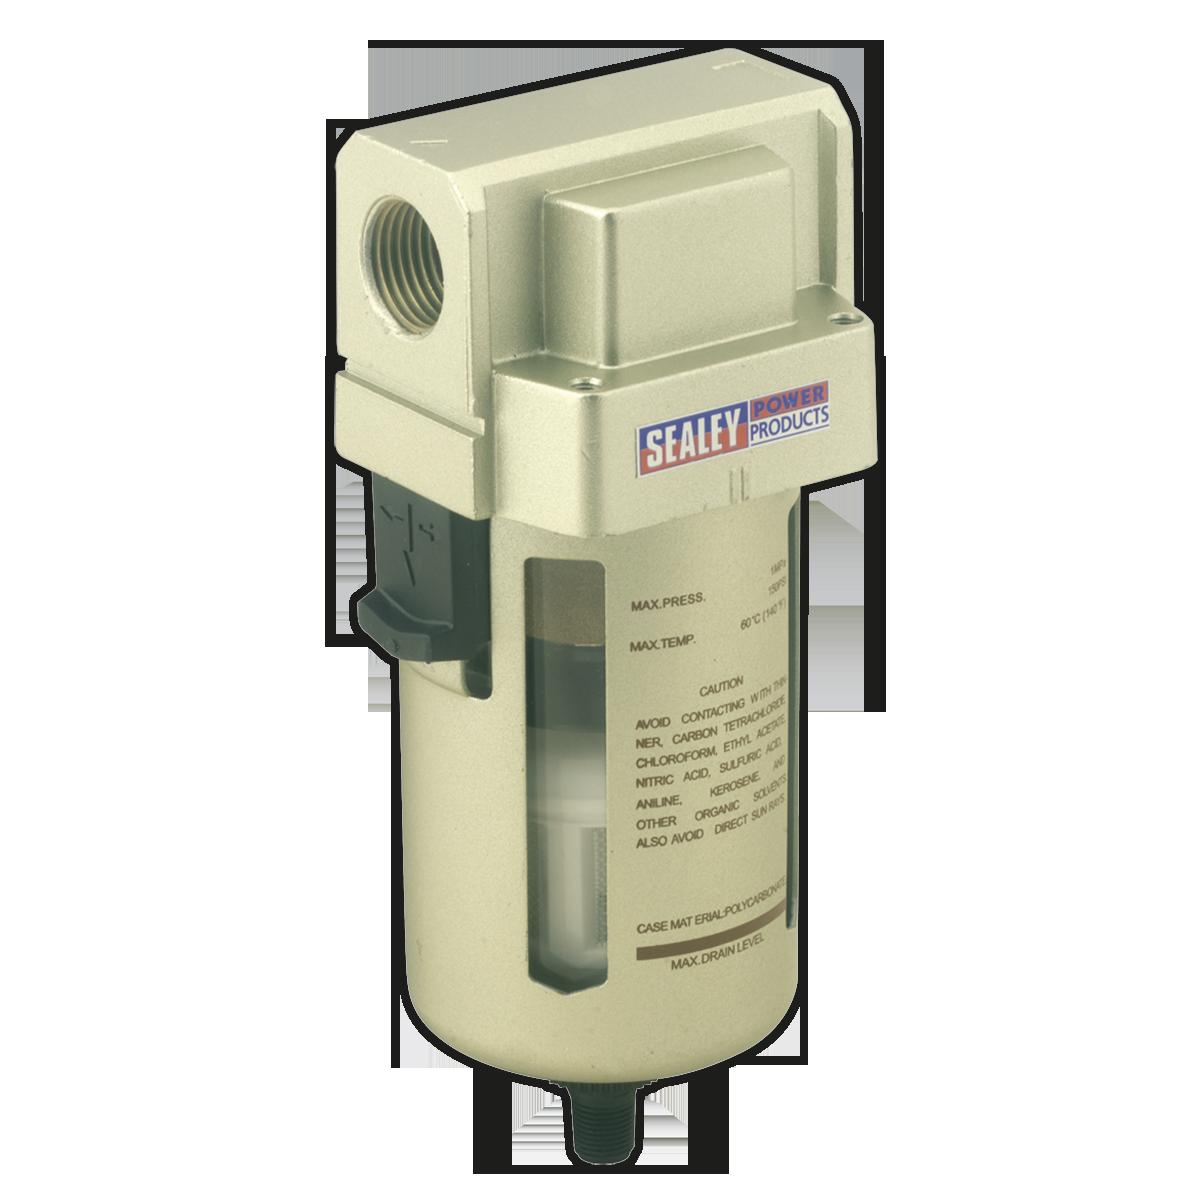 Air Filter Auto Drain Max Airflow 140cfm